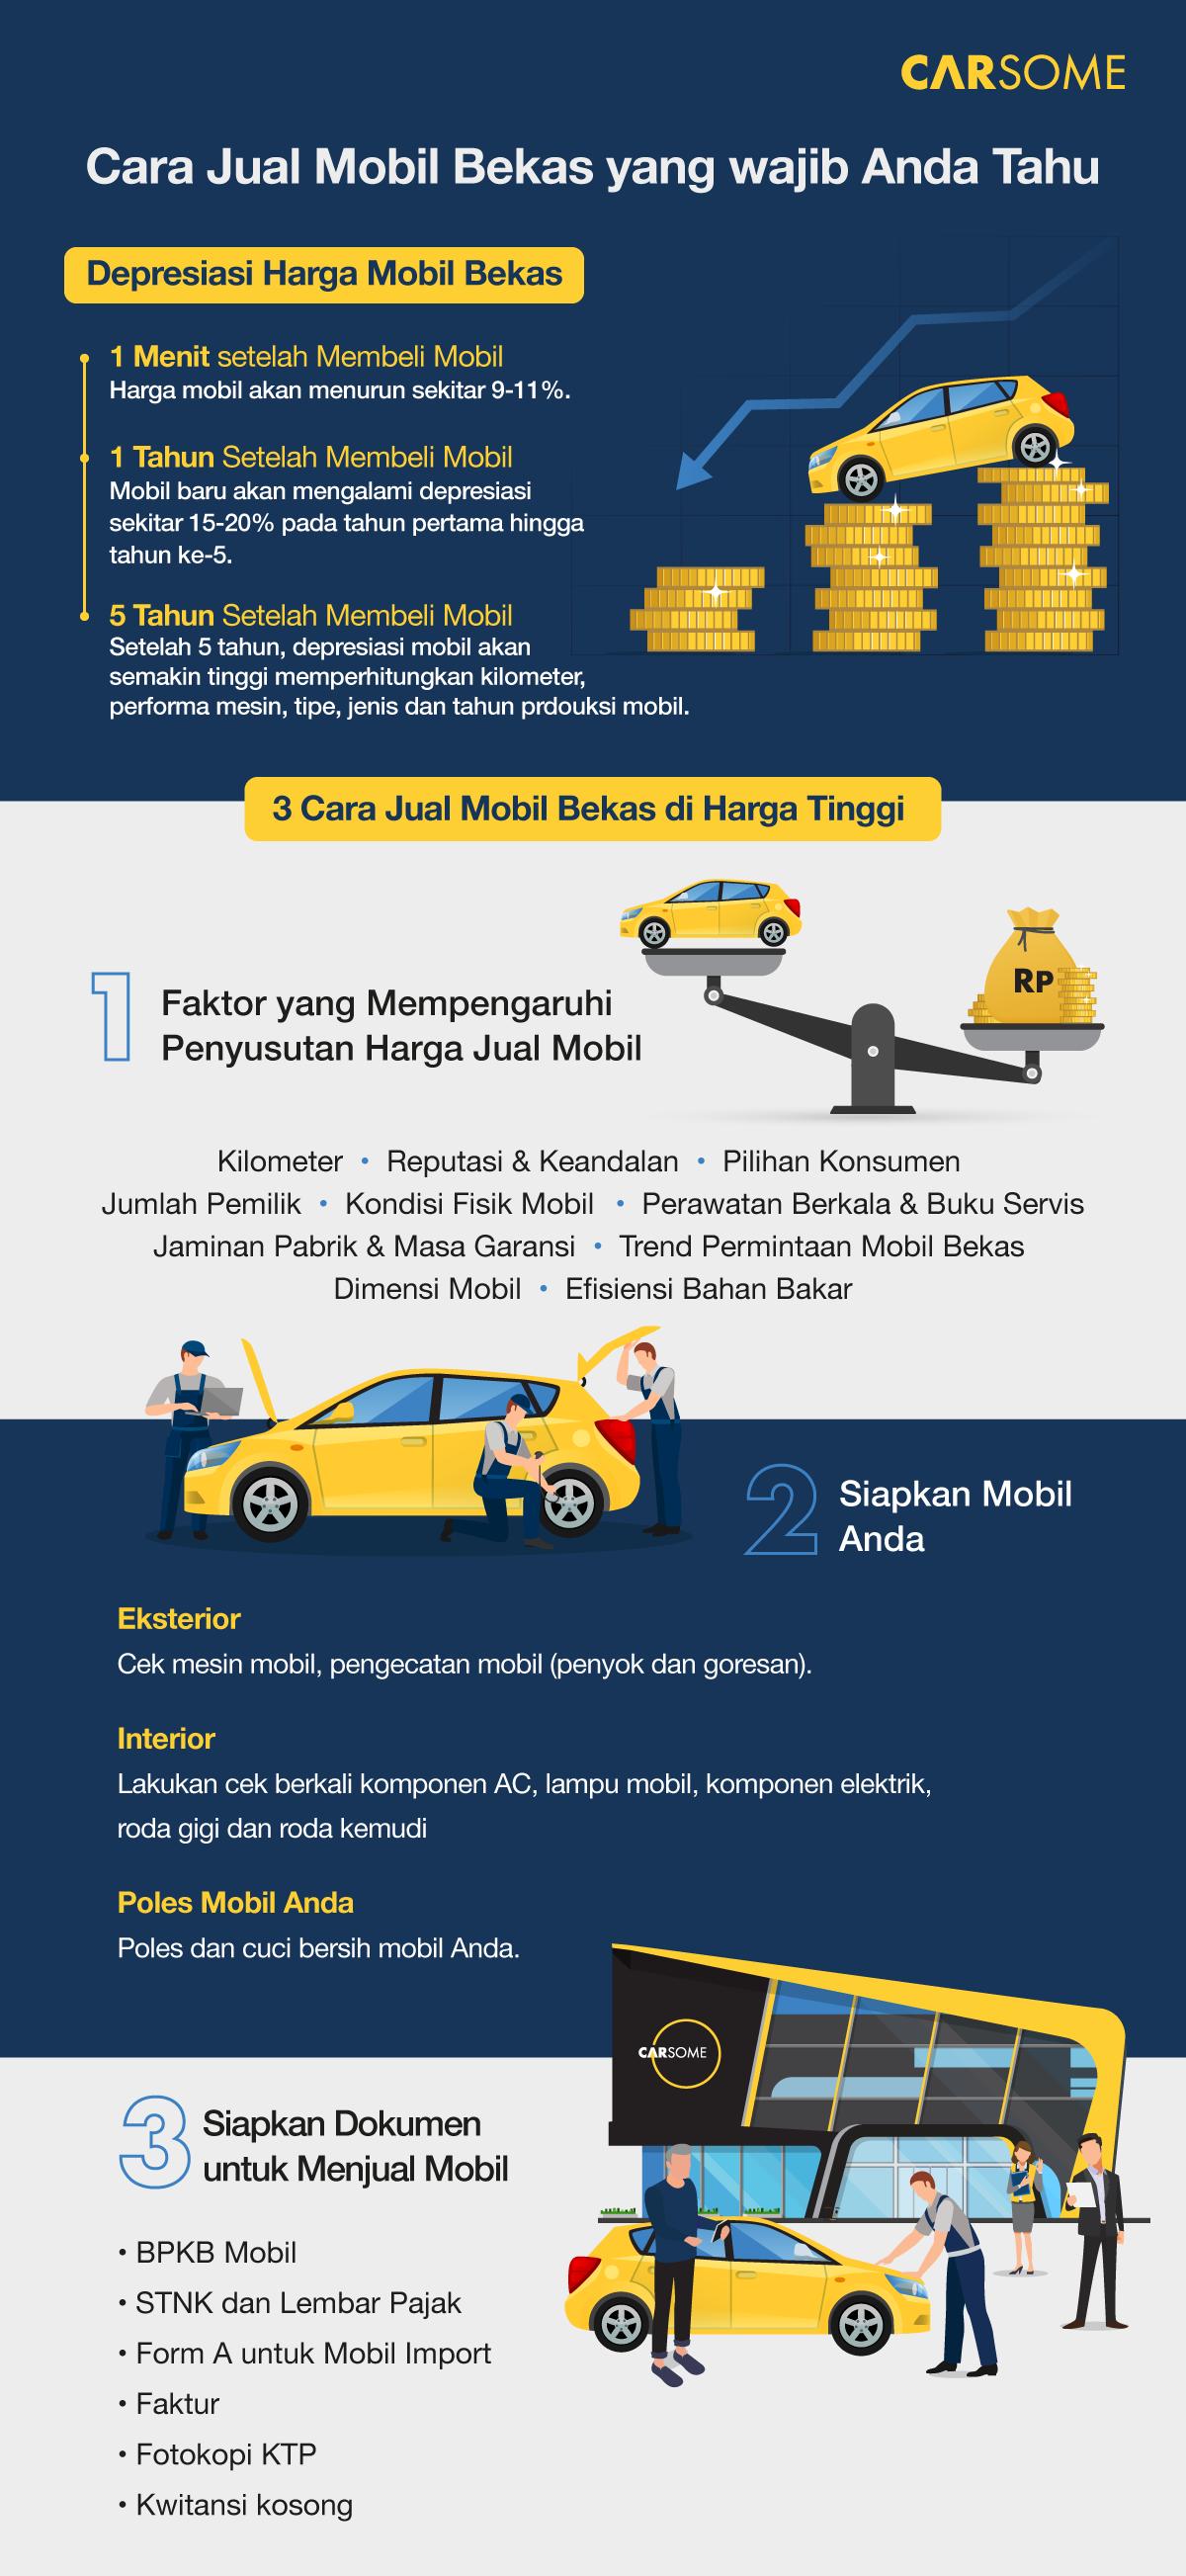 15 Cara Jual Mobil Bekas Cepat Laku Ini 15 Tips Jitunya